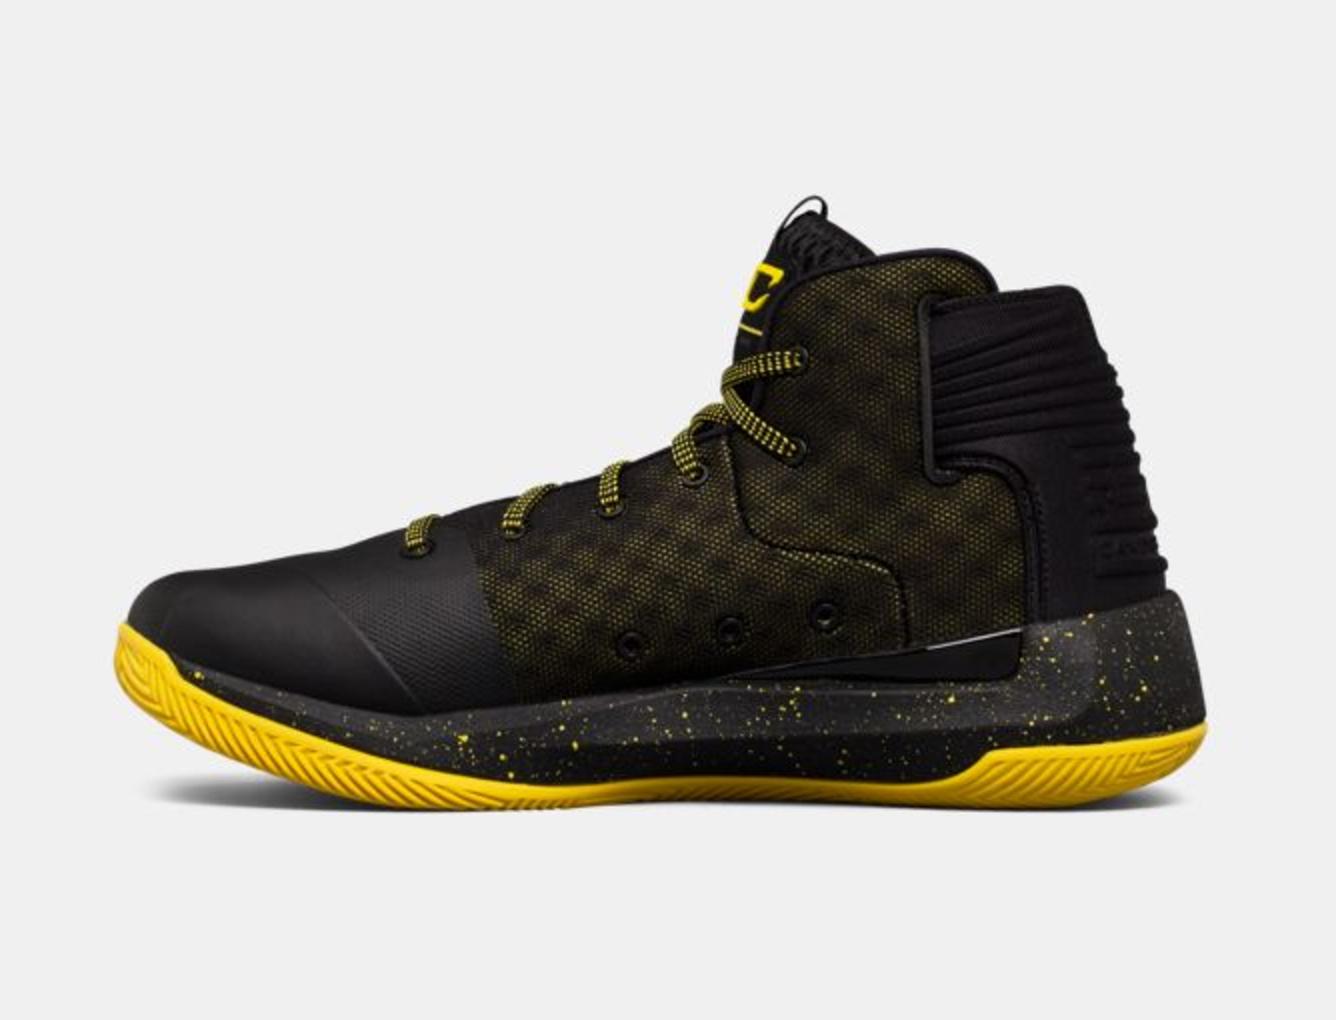 En Virtud De Curry 3zer0 Zapatos De Baloncesto De Los Hombres De Armadura EgfEYTUa